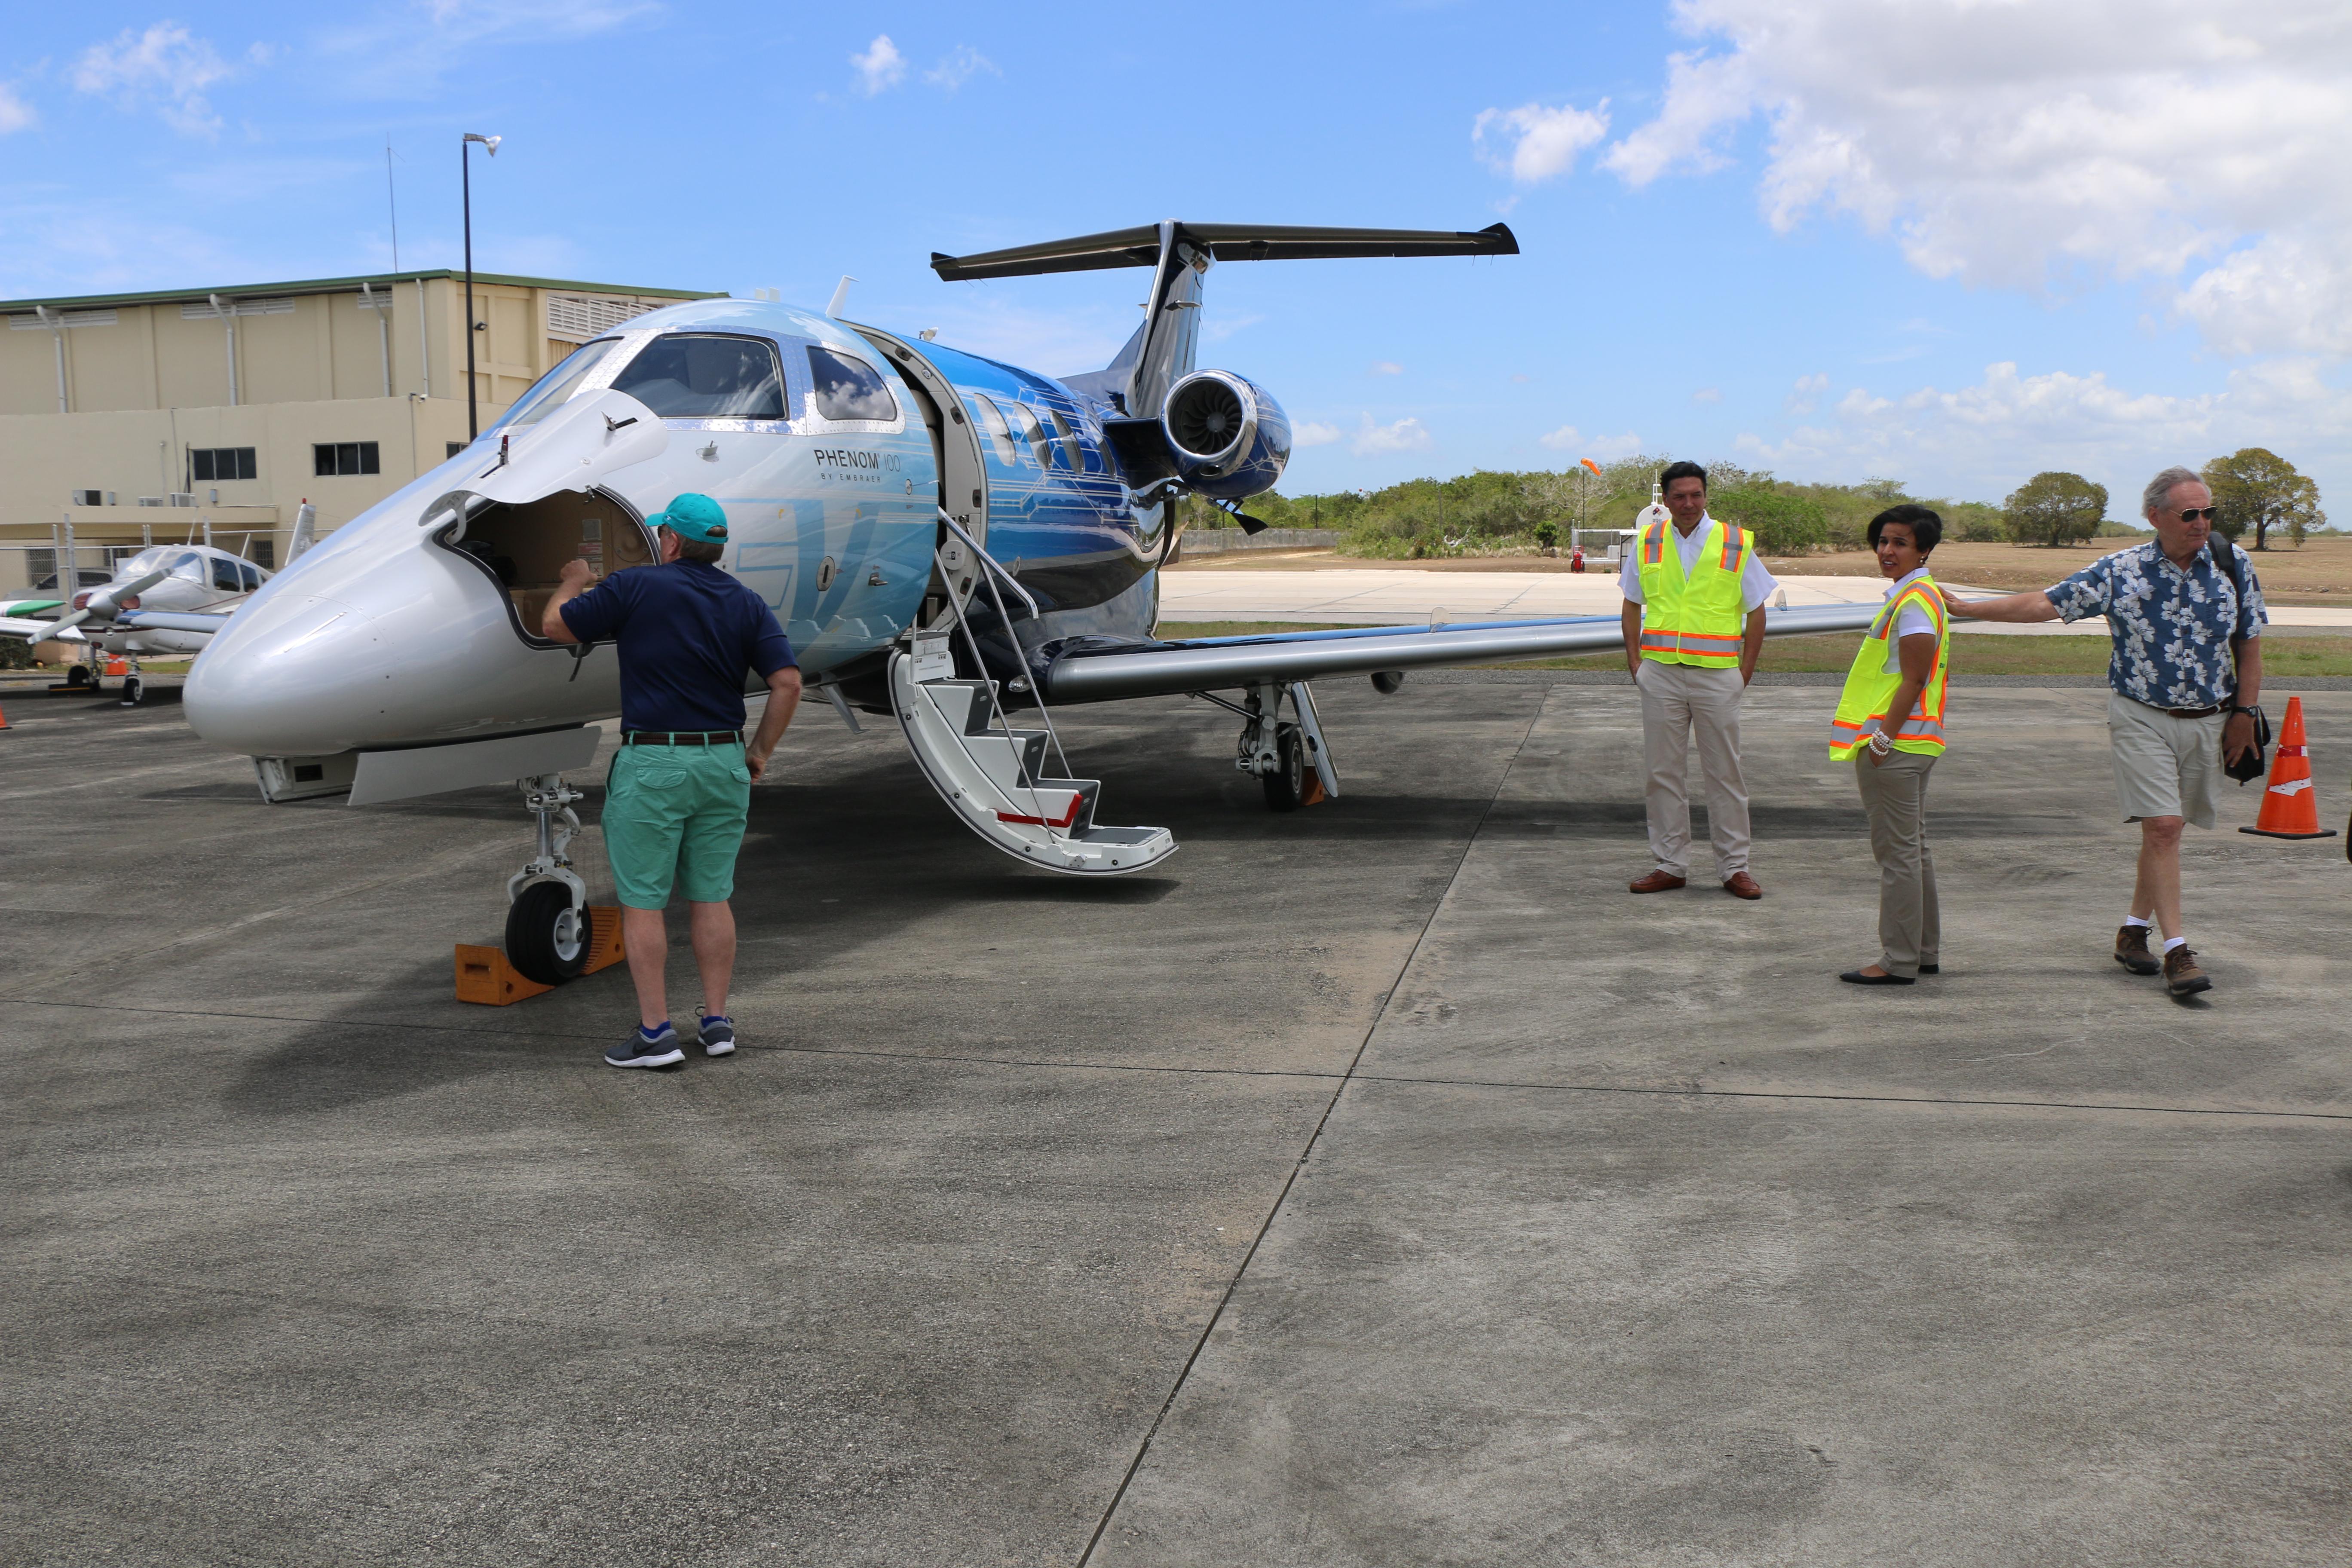 Crece en República Dominicana el turismo de pilotos de aviones privados